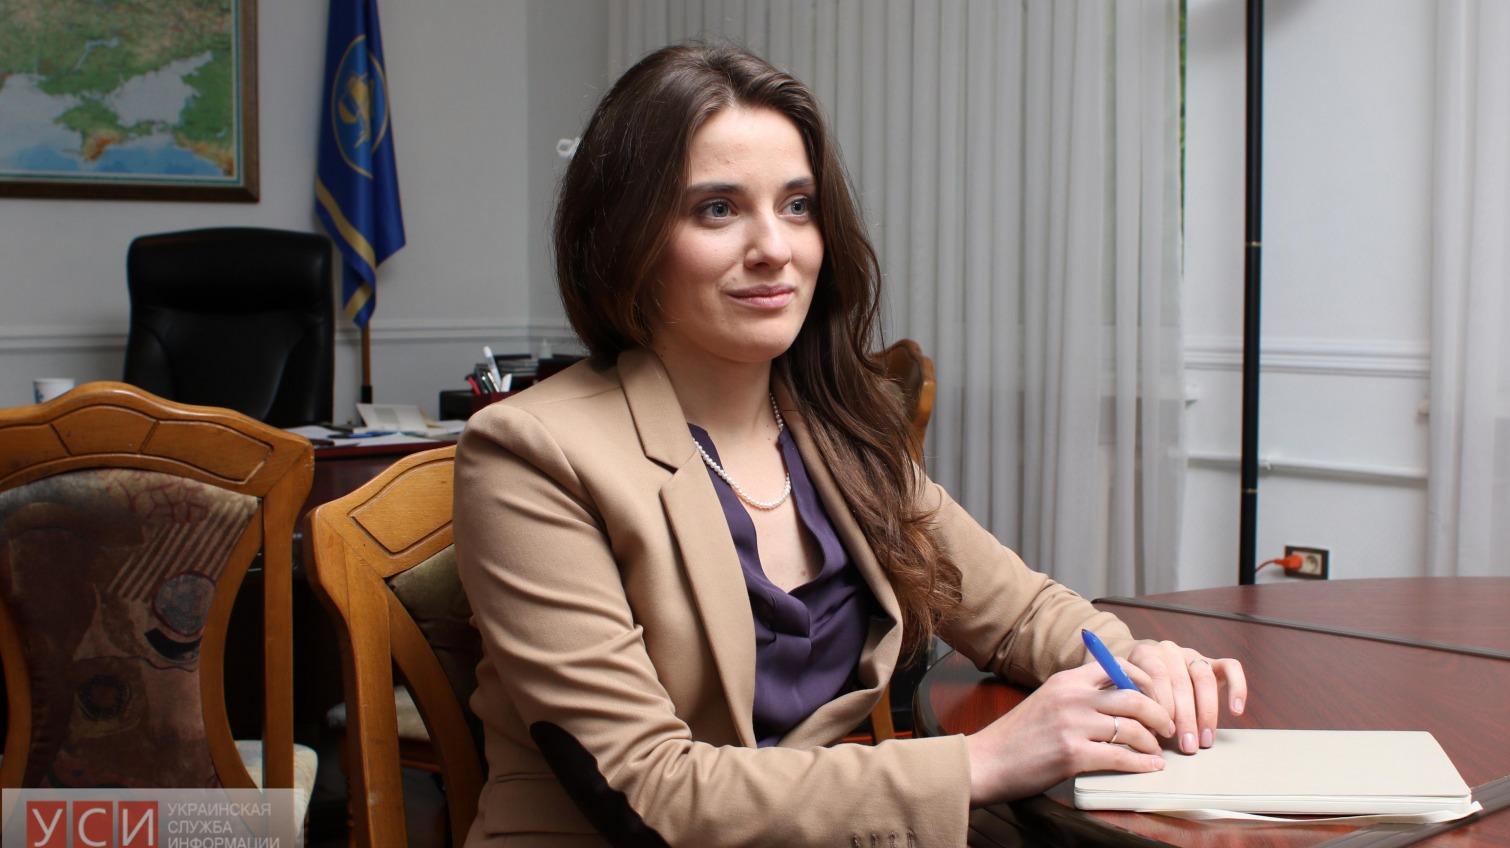 Юлия Марушевская: Одесская таможня – единственный шанс для бизнеса оформлять грузы без взяток «фото»